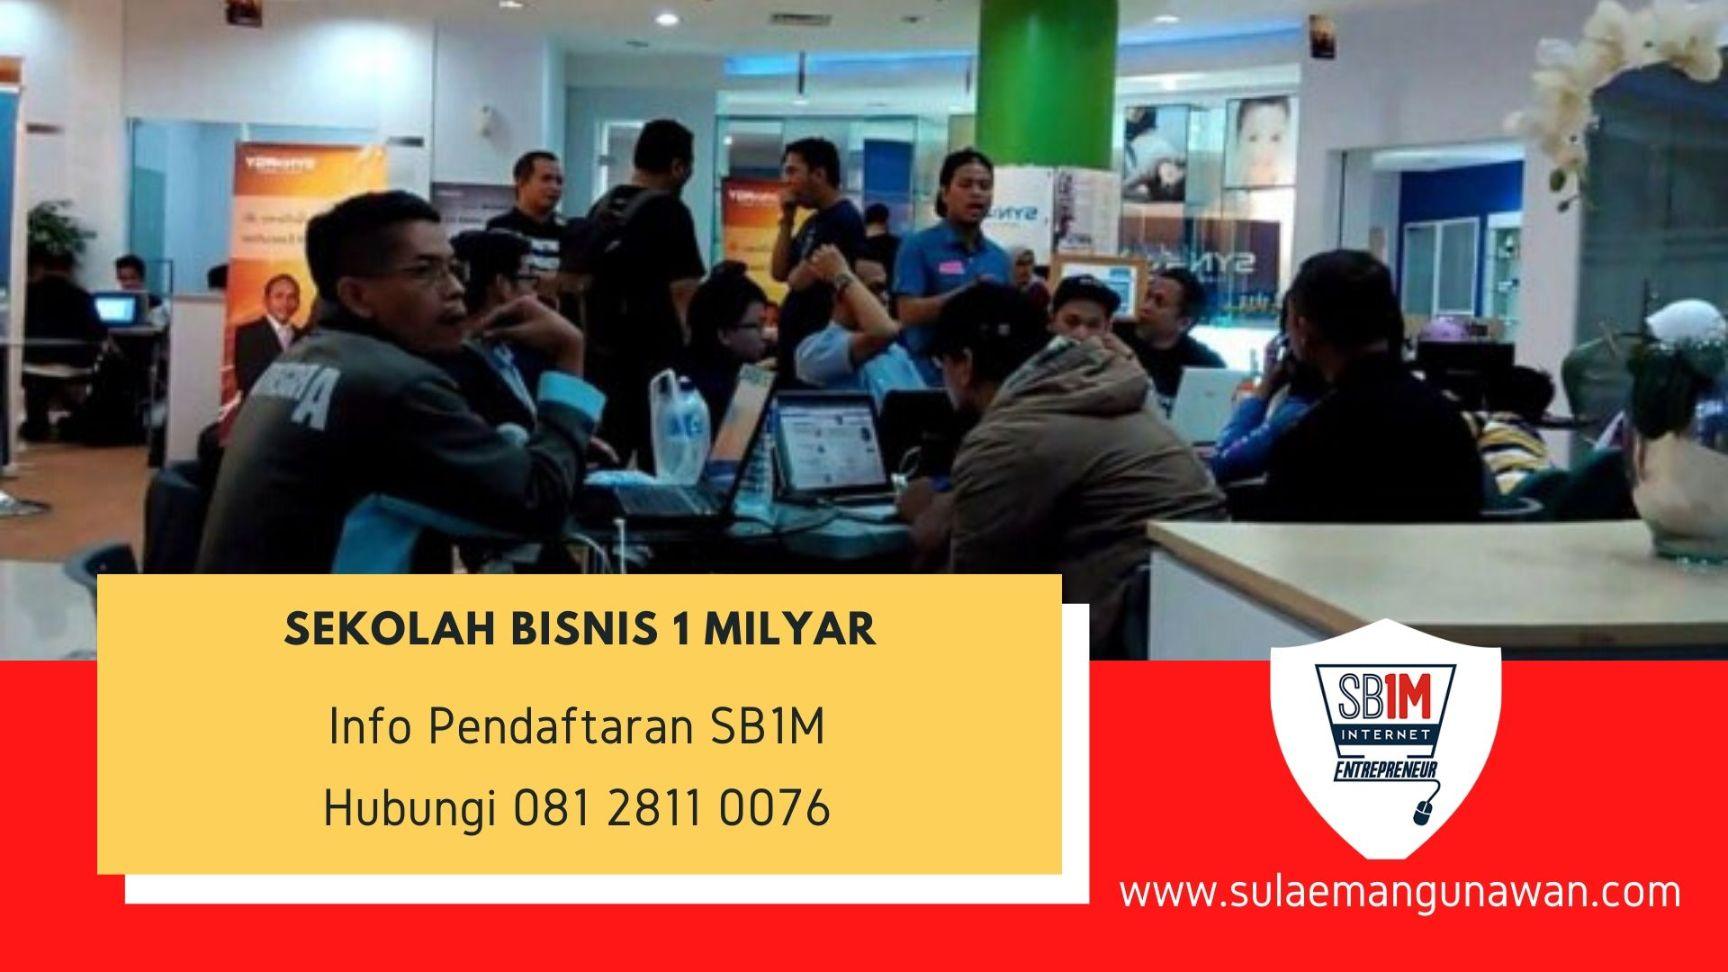 Sekolah Bisnis Online Terbaik di Utan Kayu Selatan Jakarta Timur Hubungi 081 2811 0076